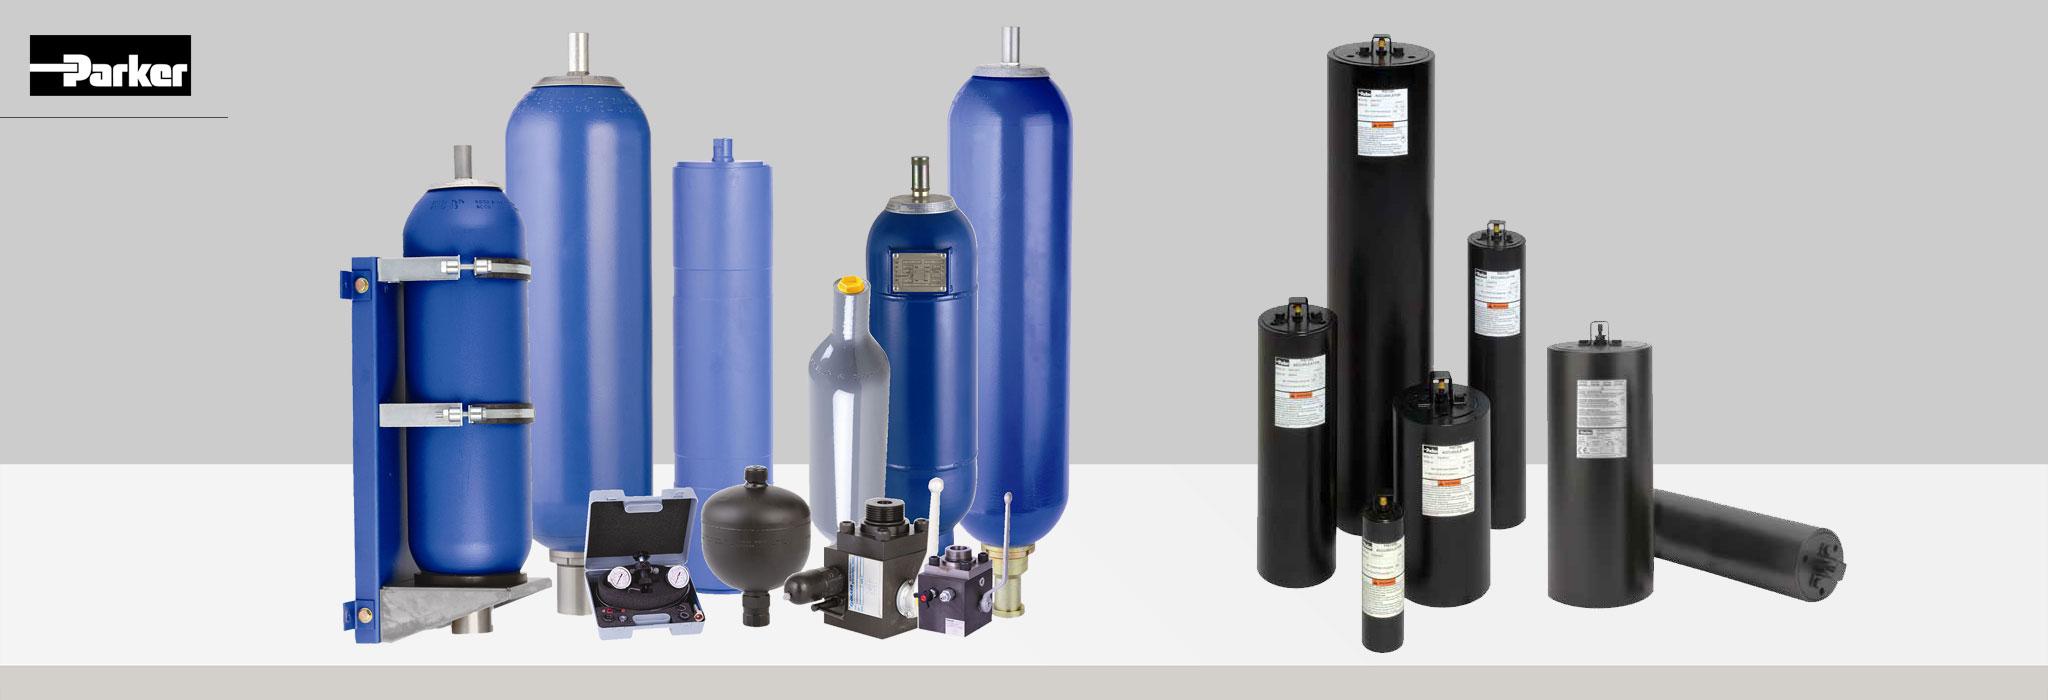 Bipromasz oferuje akumulatory hydrauliczne firmy Parker